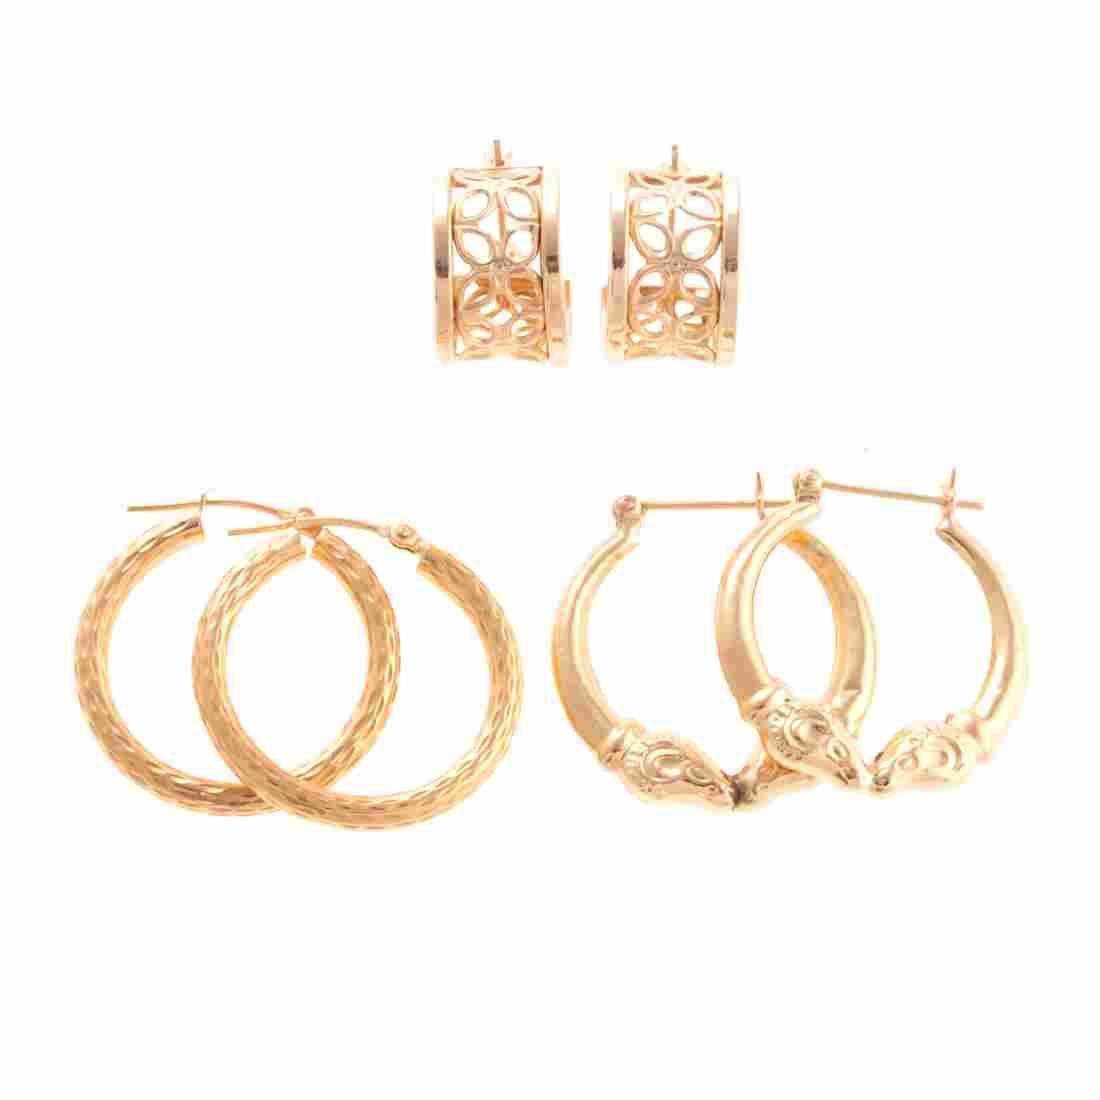 A Trio of Lady's 14K Gold Hoop Earrings